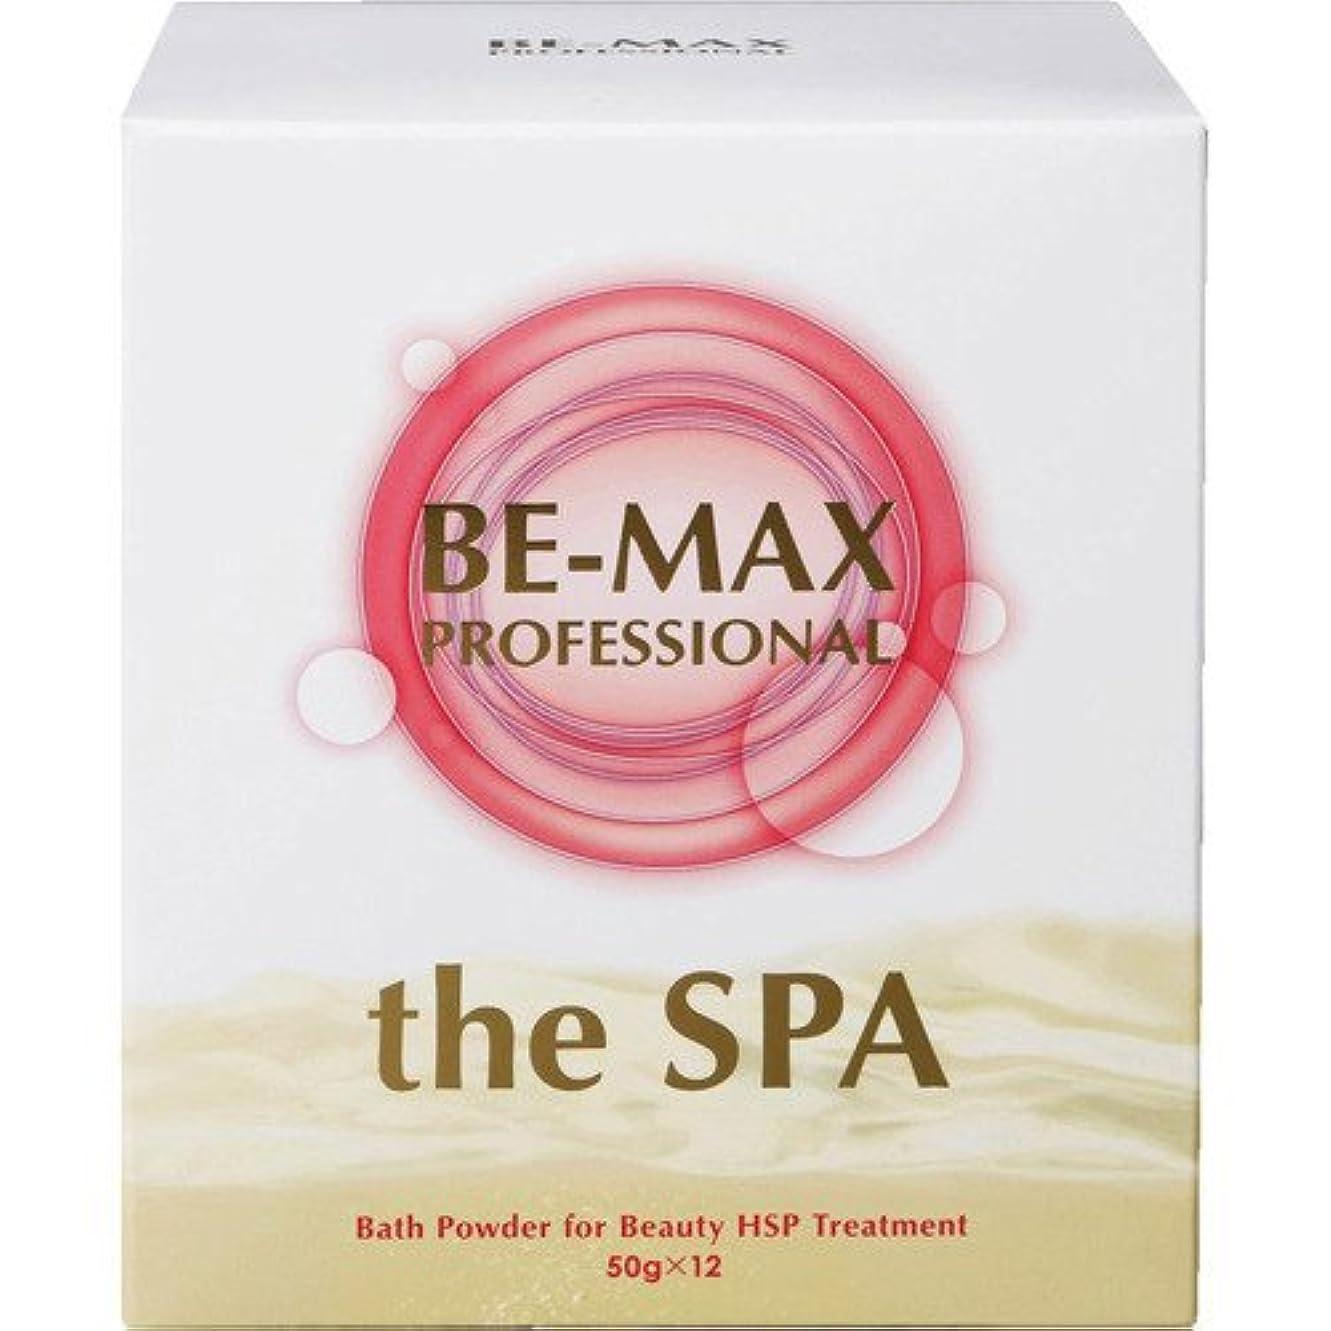 スラム街雇用ねじれBE-MAX PROFESSIONAL the SPA(ザ?スパ) ビーマックスプロフェッショナル ザ?スパ バスパウダー 50gx12包 (4571132621587)